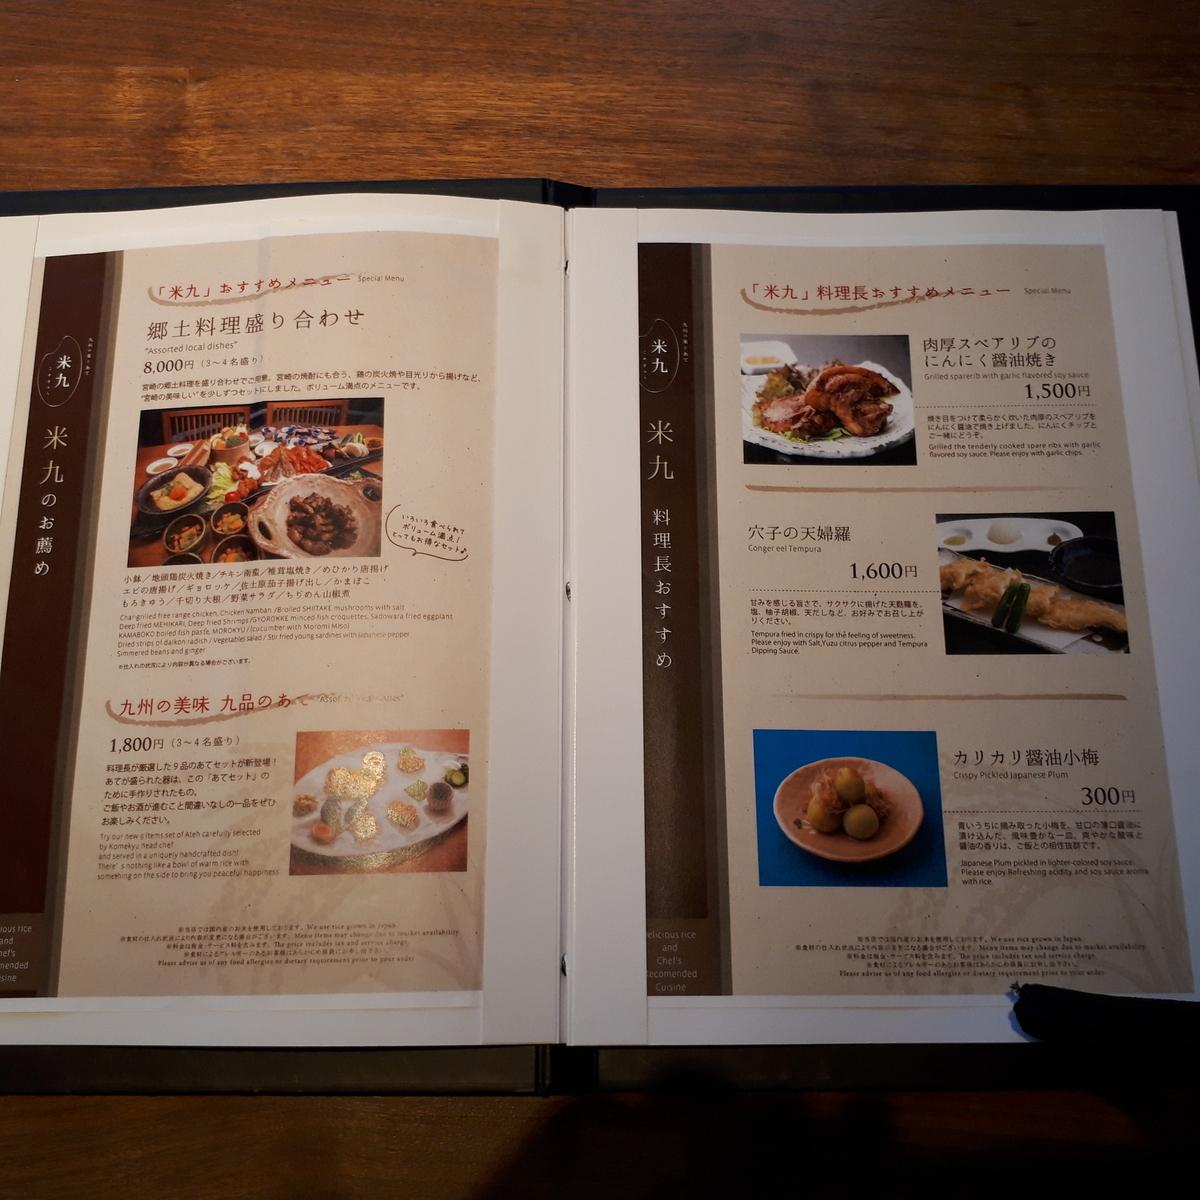 シェラトングランデオーシャンリゾート 米九 メニュー 郷土料理盛り合わせ 九州の美味 九品のあて 料理長おすすめ